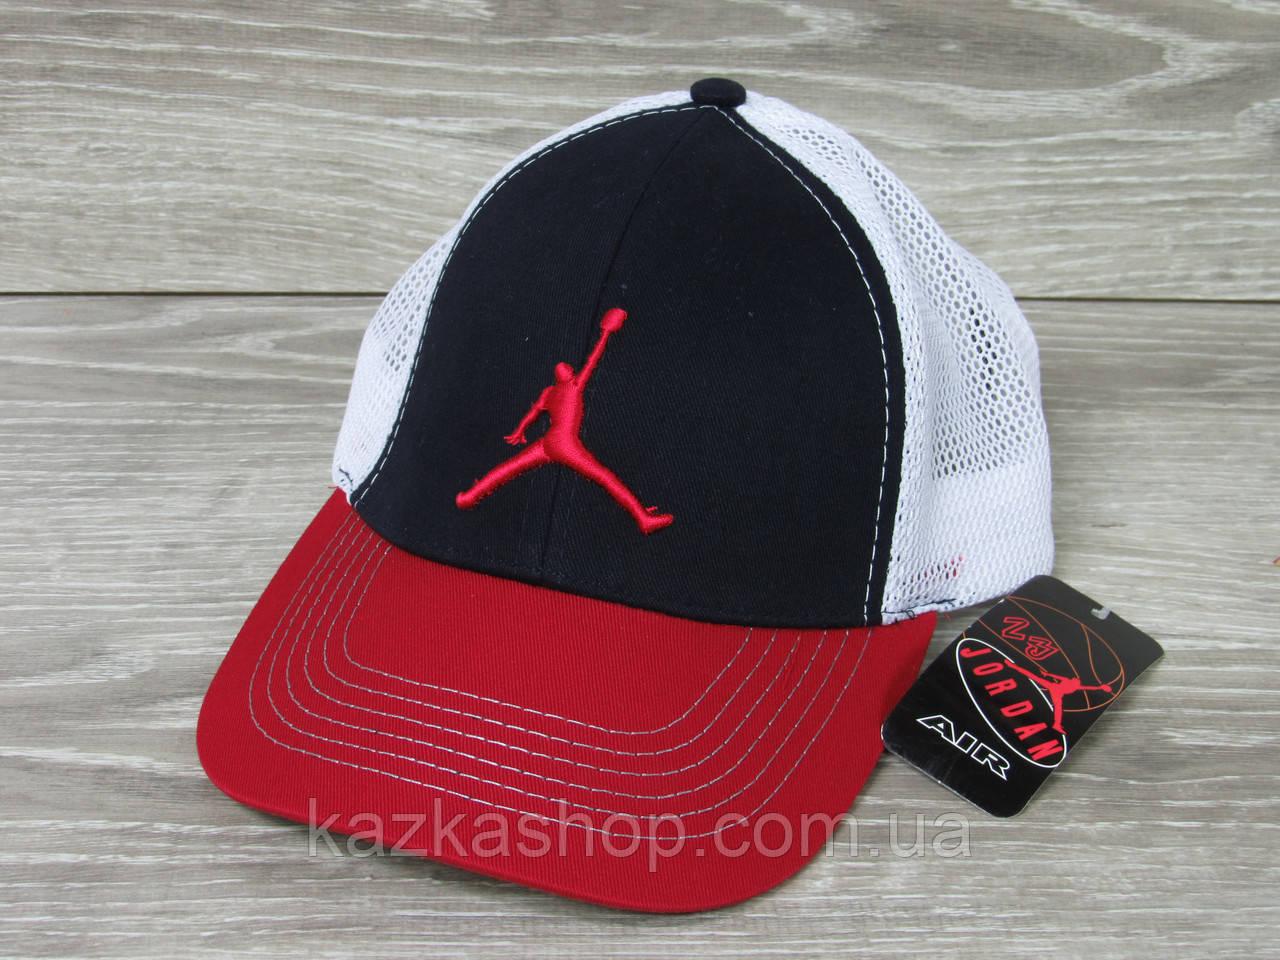 Стильная мужская кепка, бейсболка, вышивка логотипа в стиле Jordan (реплика), сетка, размер 56-58, регулятор